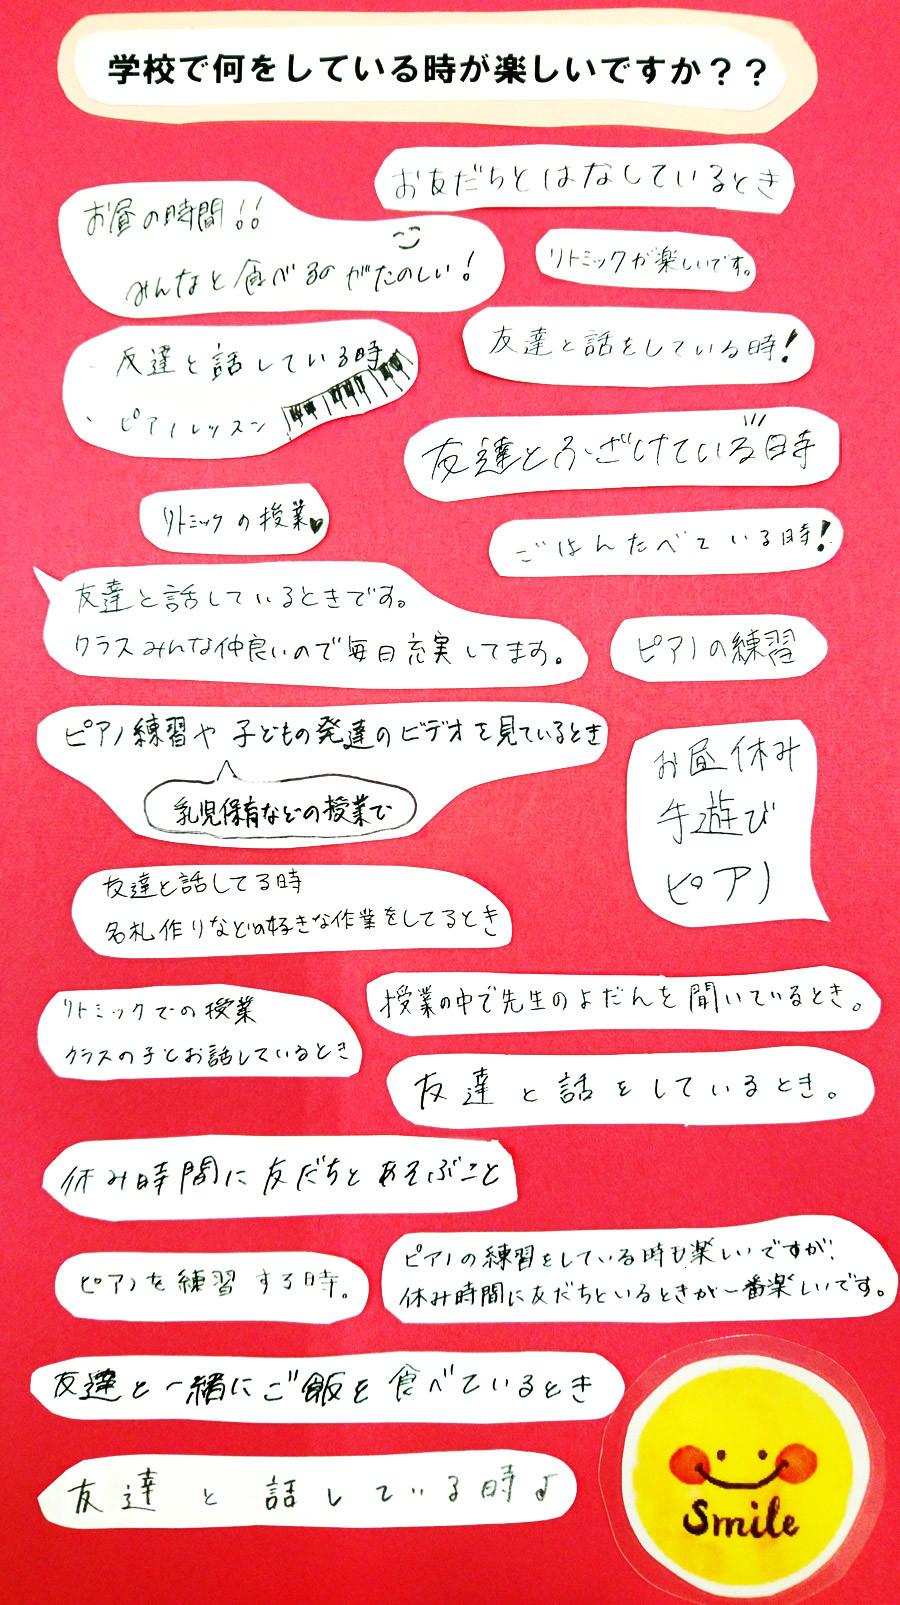 blogho20210610-01.jpg